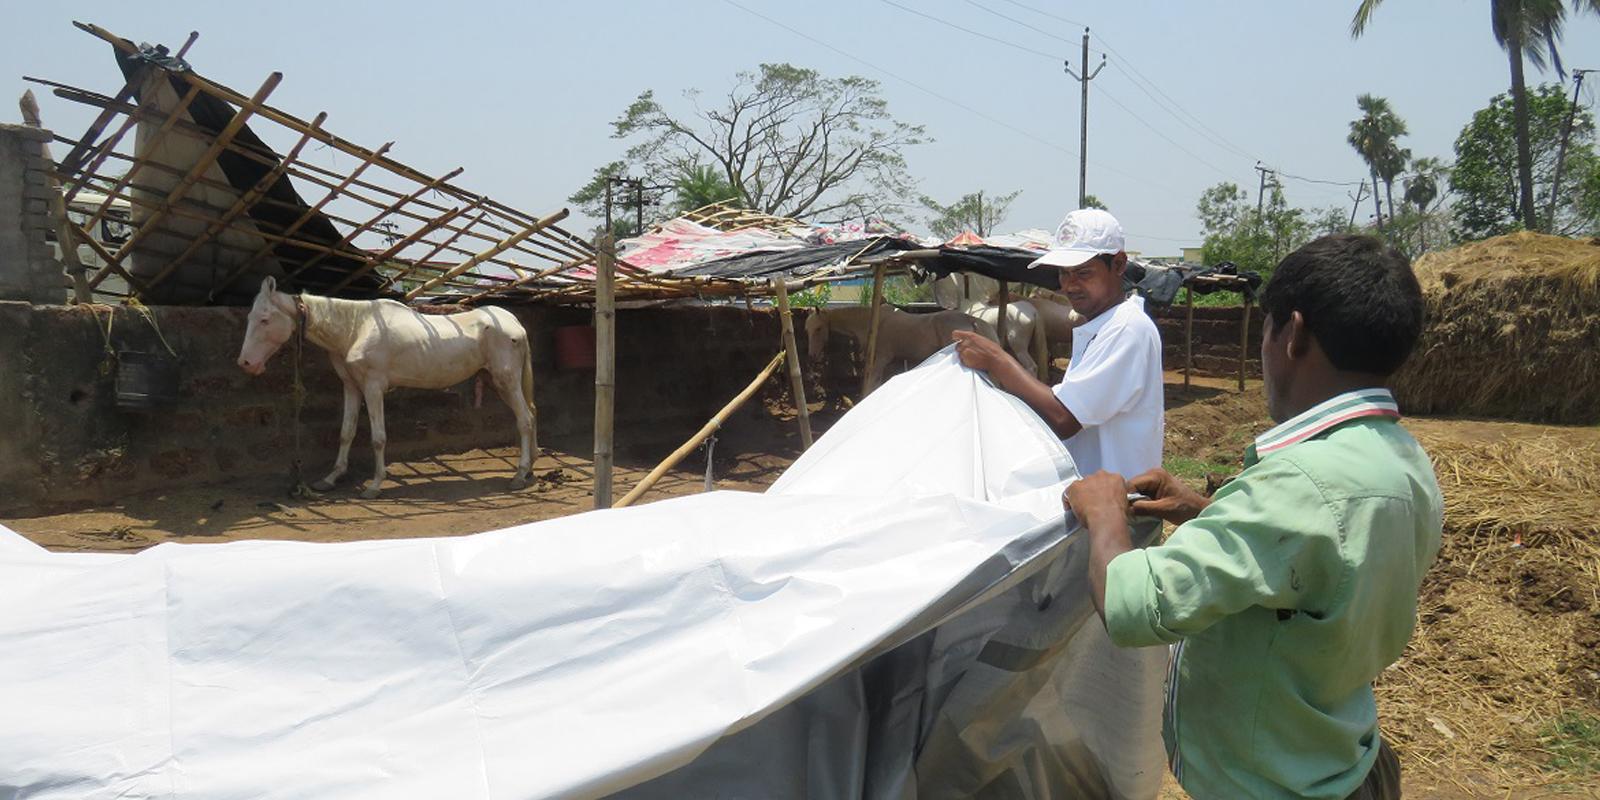 Soforthilfe in Bildern: Errichtung dringend notwendiger Untersände